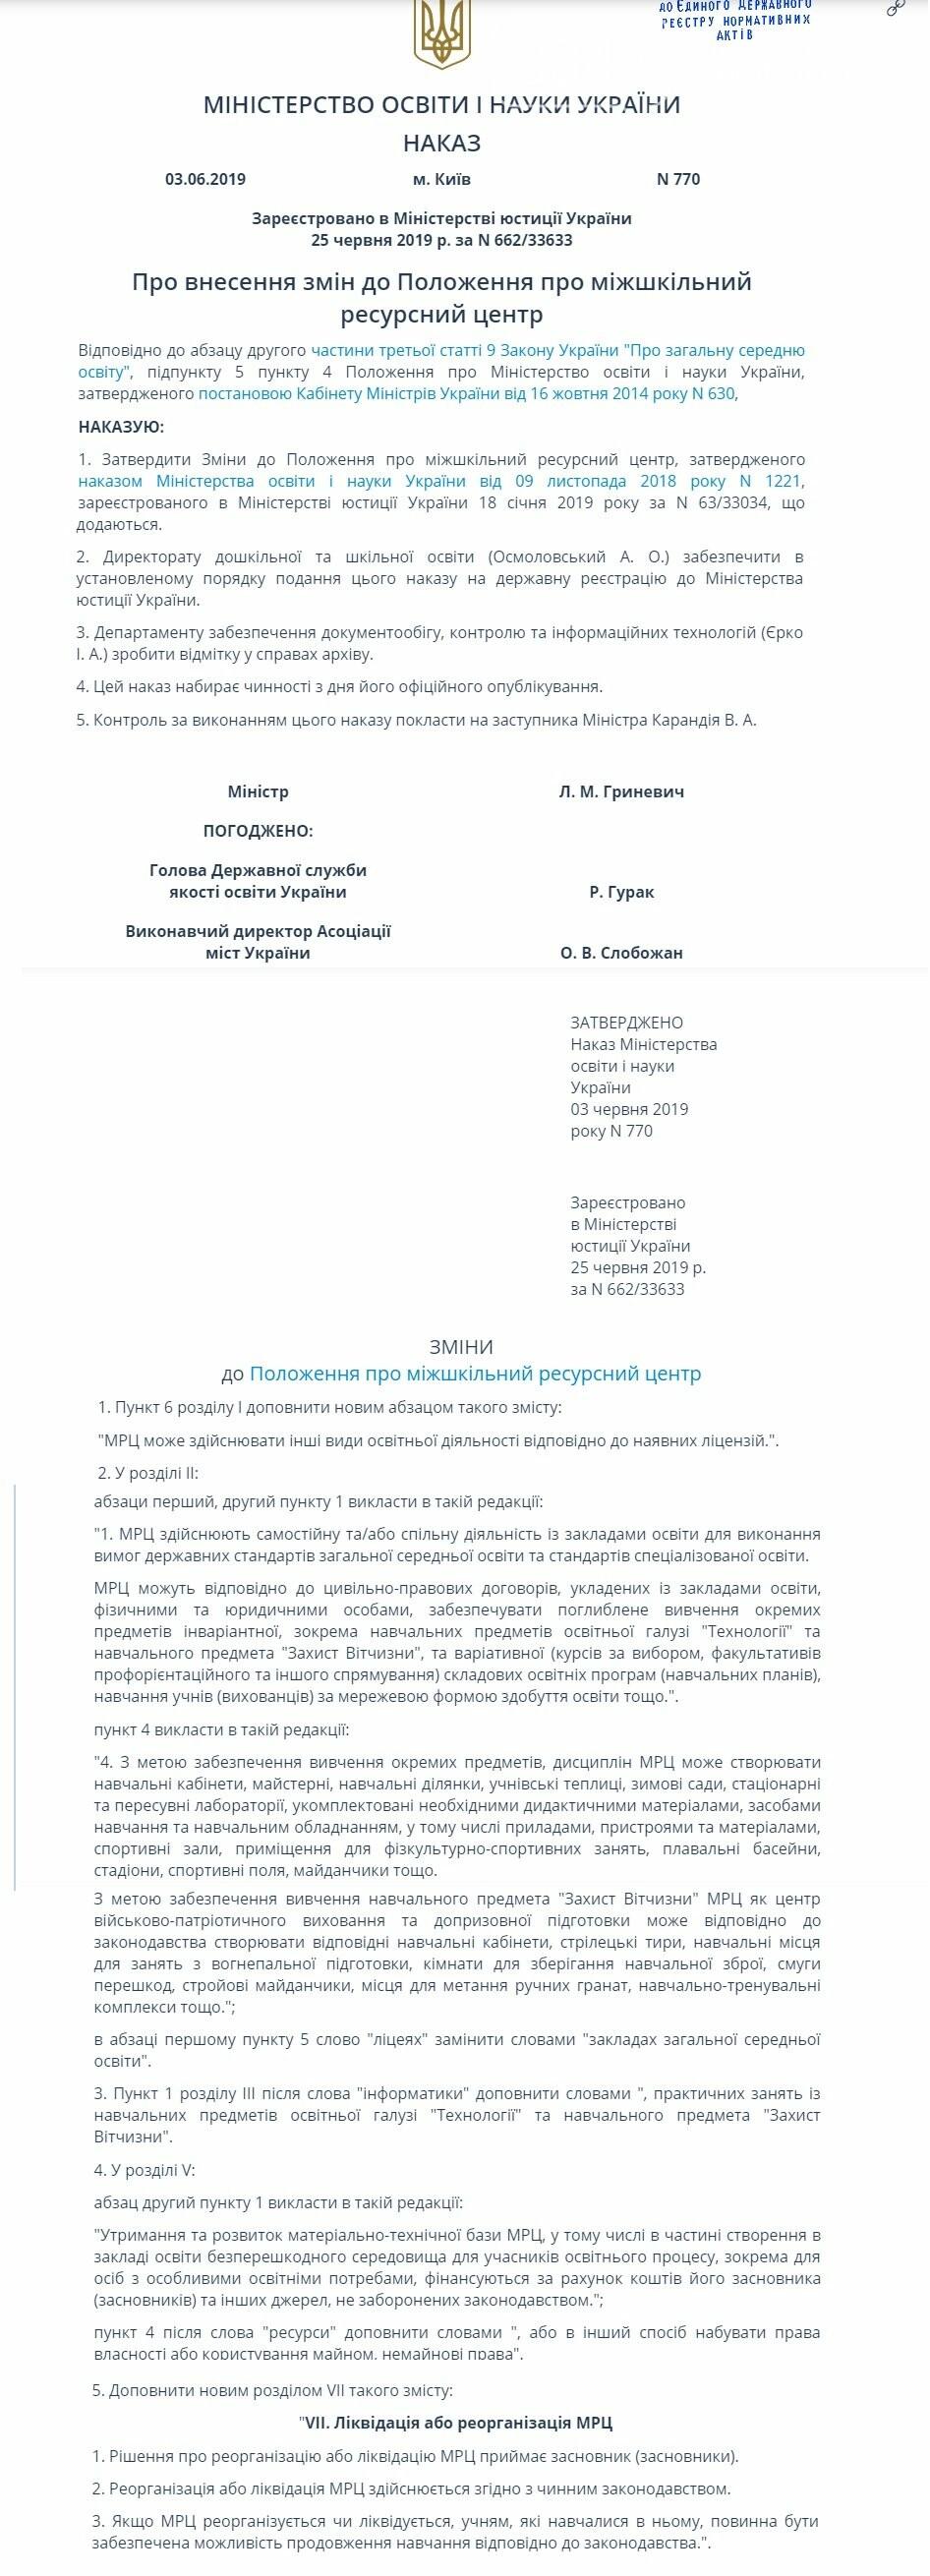 В українських школах можуть з'явитися стрілецькі тири та навчальні гранати (документ), фото-1